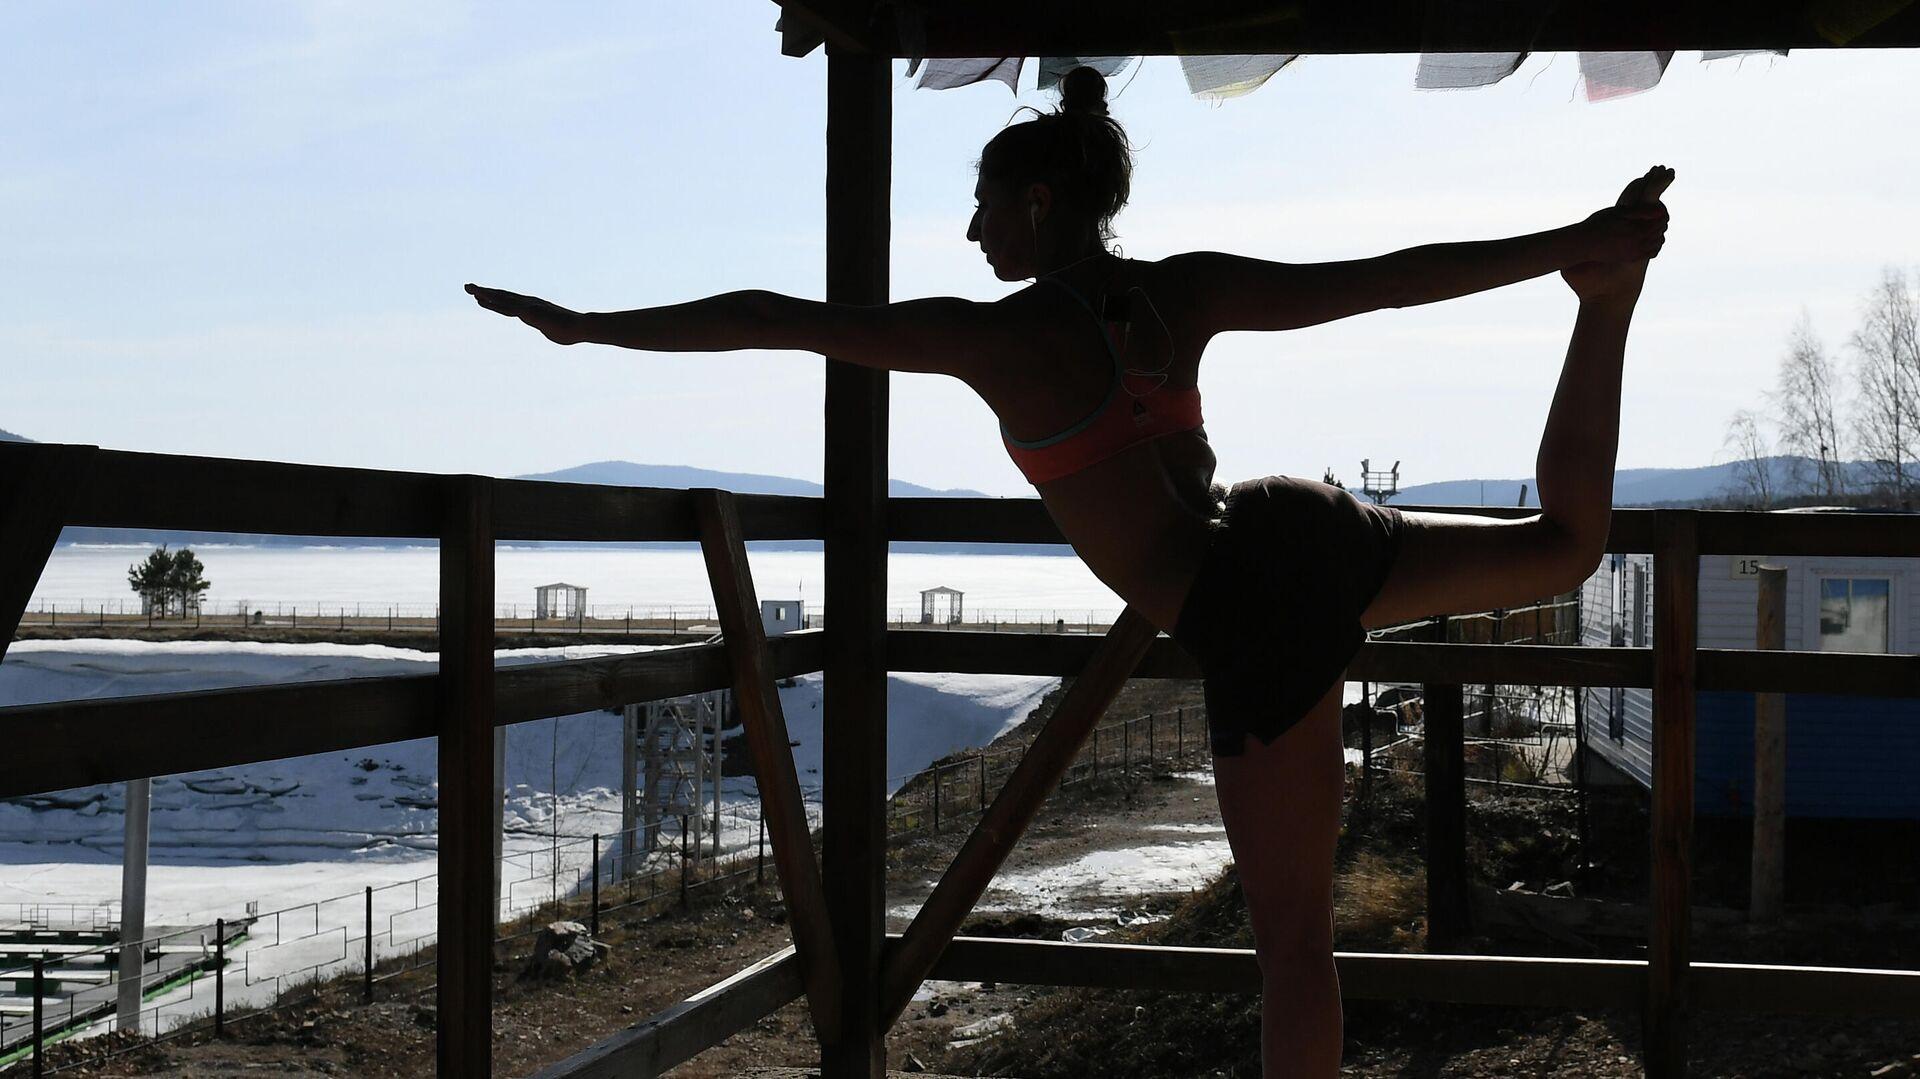 Сноубордистка Юлия Бояринцева во время ежедневной тренировки по общей физической подготовке и йоге - РИА Новости, 1920, 23.04.2020